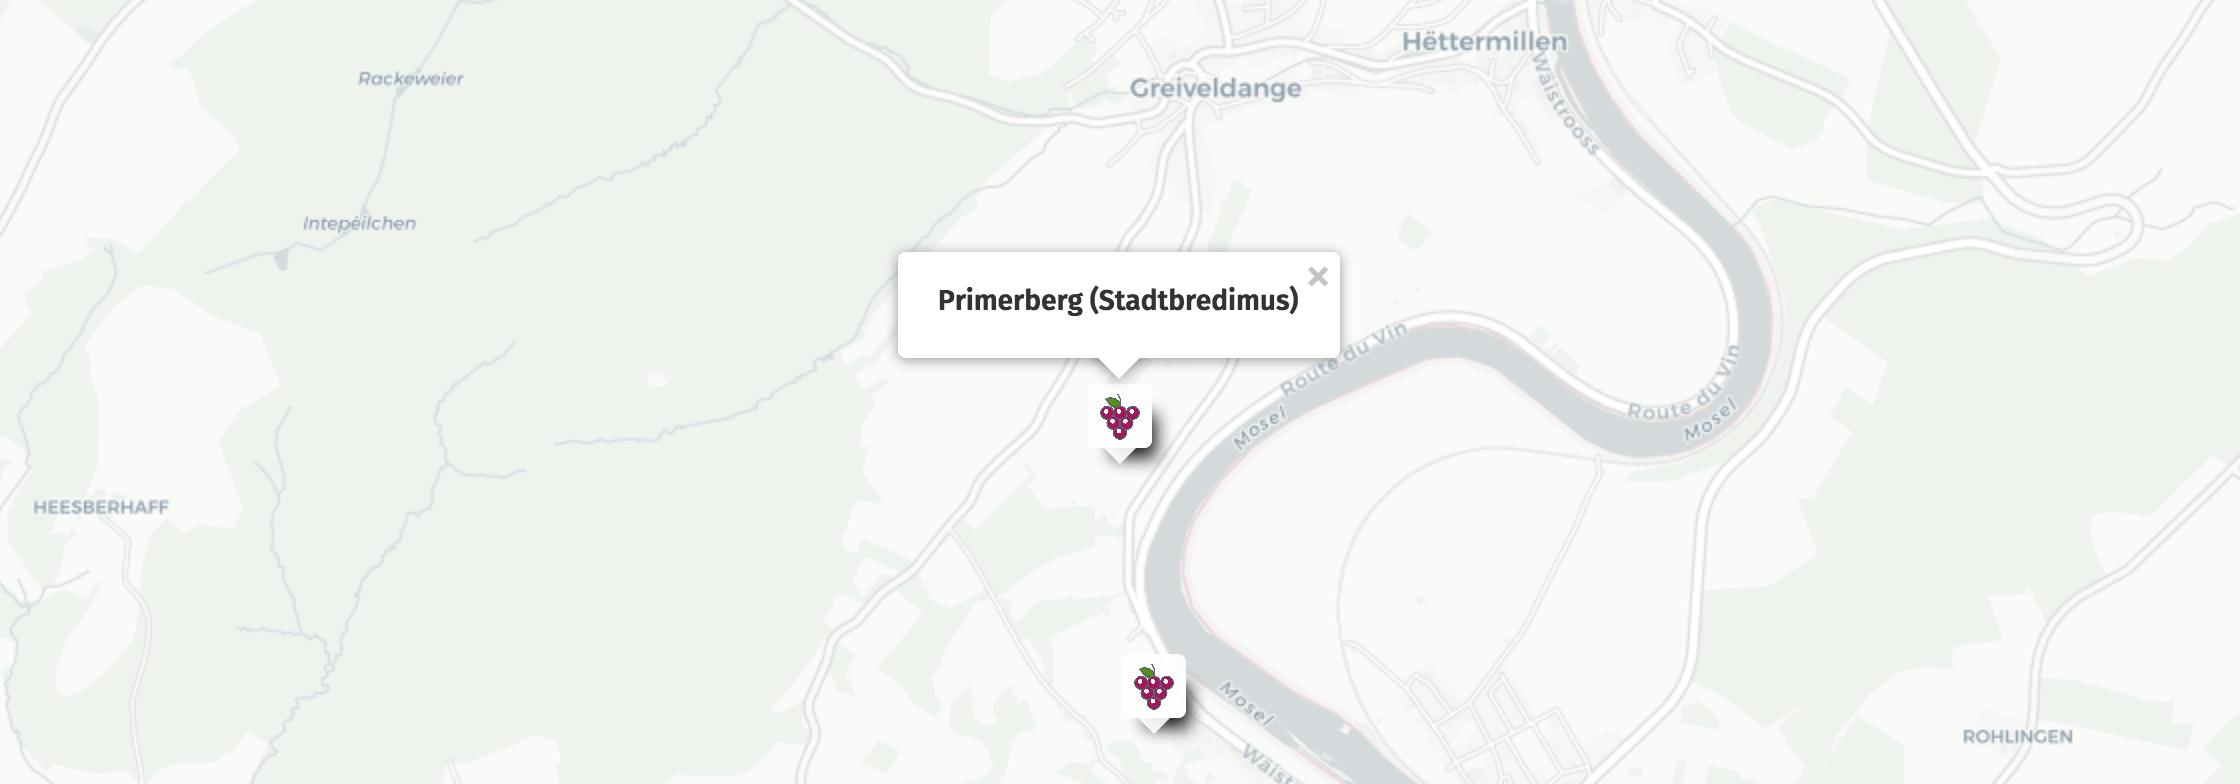 Geolocalisation des vins du Primerberg à Stadtbredimus